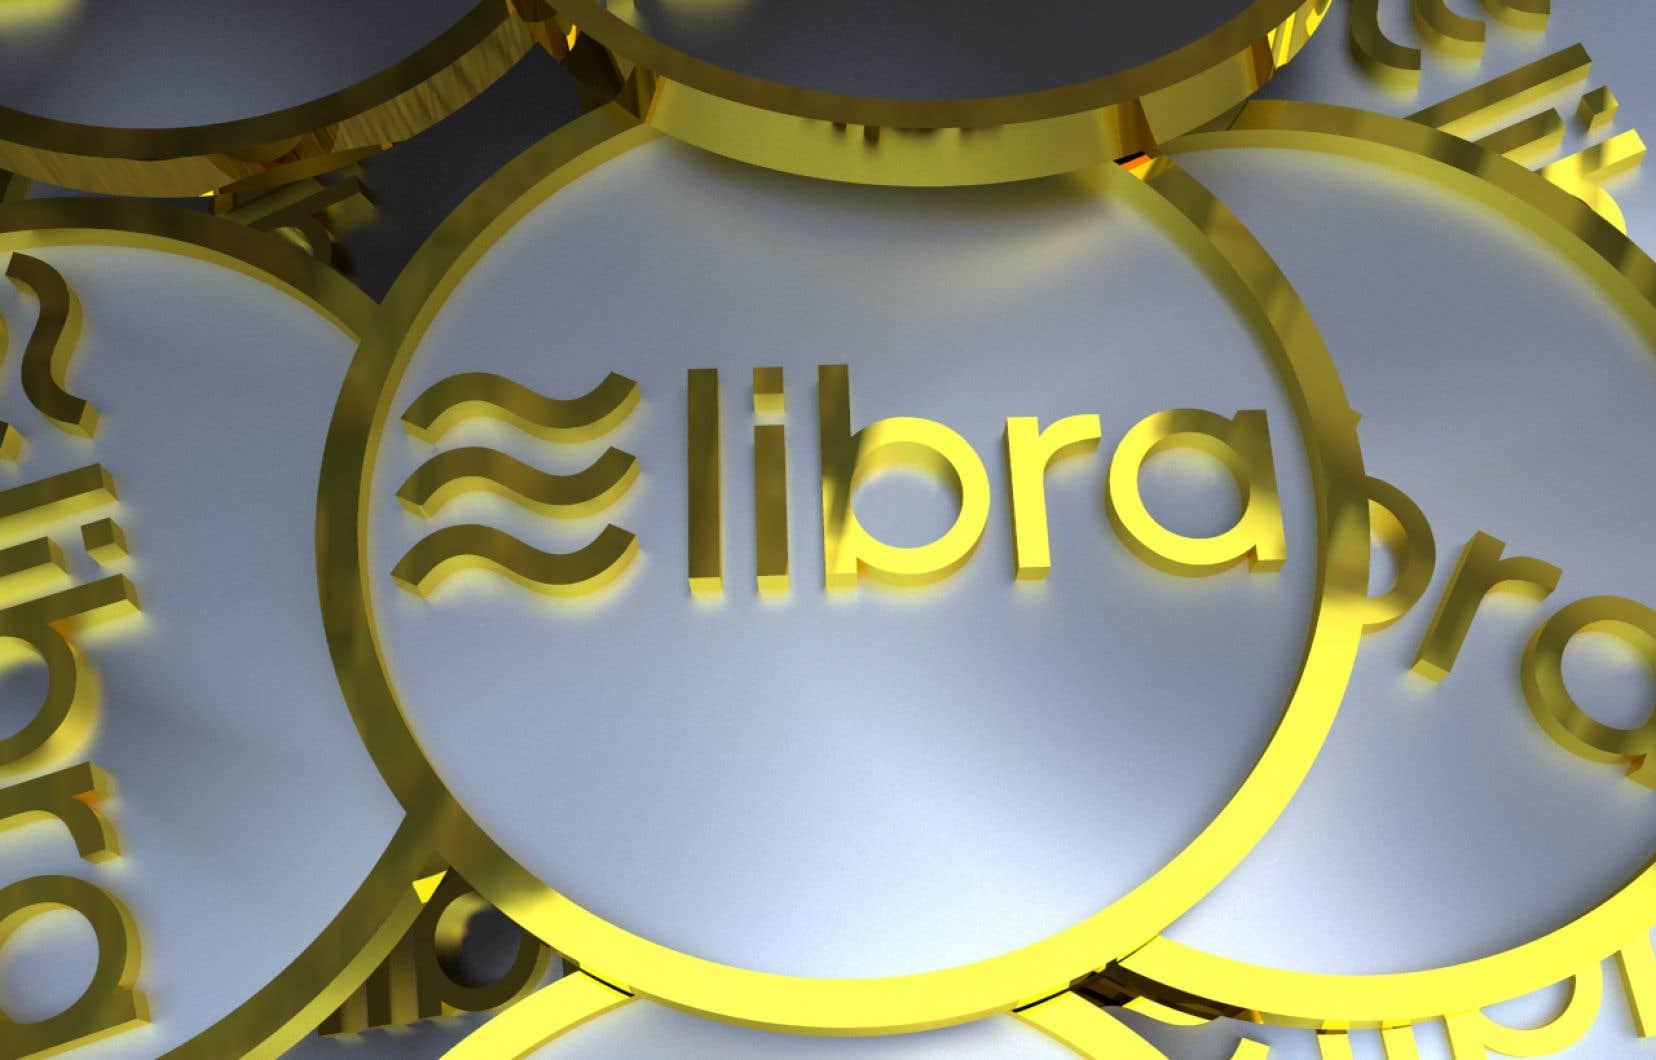 Fin août, Bloomberg, citant un document de la Commission européenne, a révélé que l'Autorité de la concurrence est «en train d'enquêter sur un potentiel comportement anticoncurrentiel» en lien avec Libra.